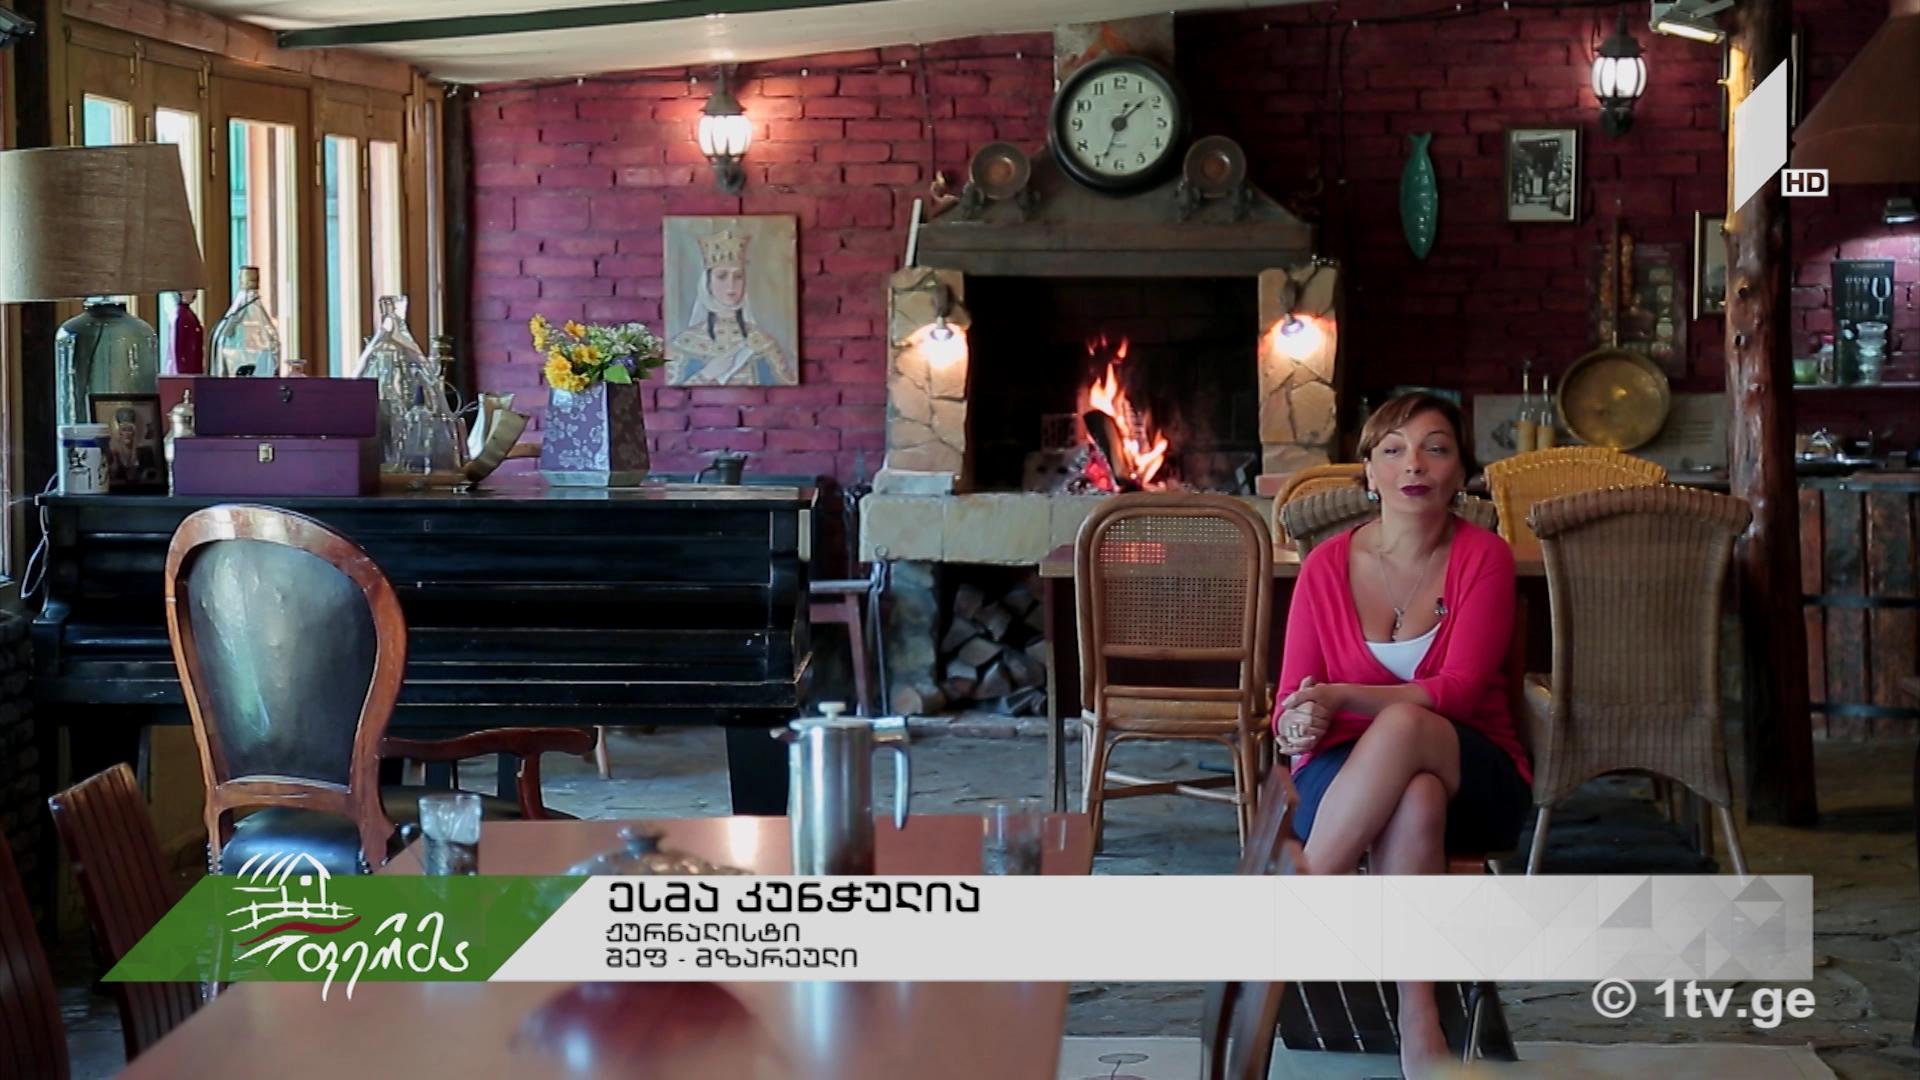 #არტიშოკი წოდორეთის მენიუ - ქალაქელი ცოლ-ქმრის პასტორალური ამბავი #ფერმაში